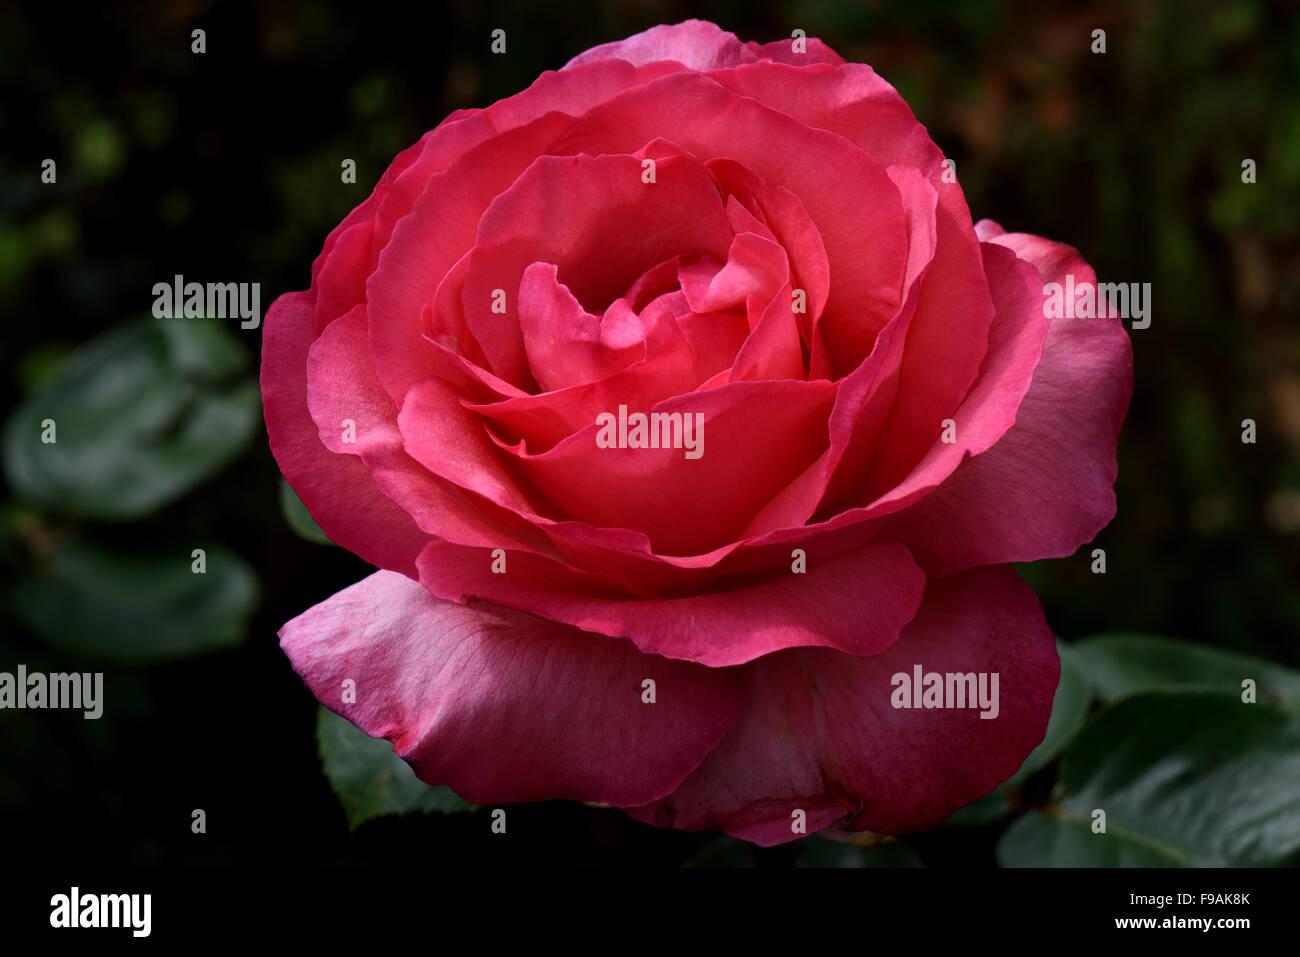 Une parfaite rose rouge fleur sur fond sombre Photo Stock